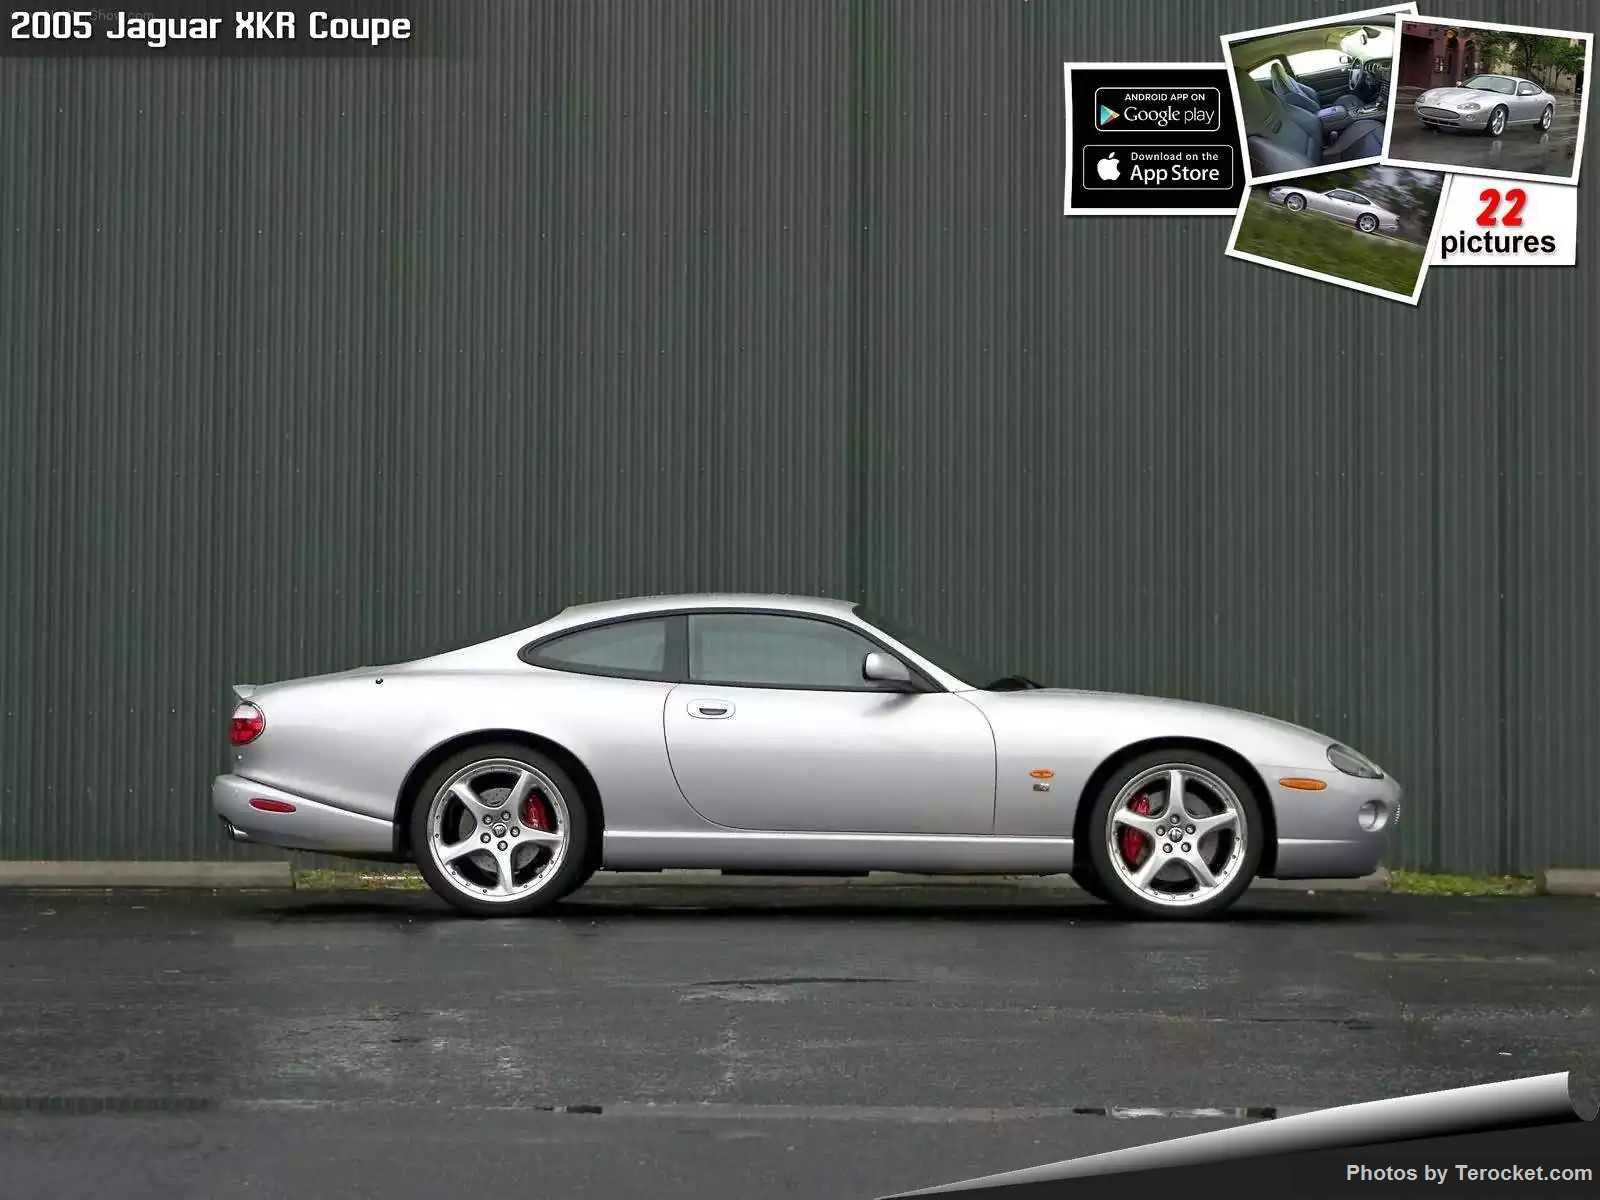 Hình ảnh xe ô tô Jaguar XKR Coupe 2005 & nội ngoại thất